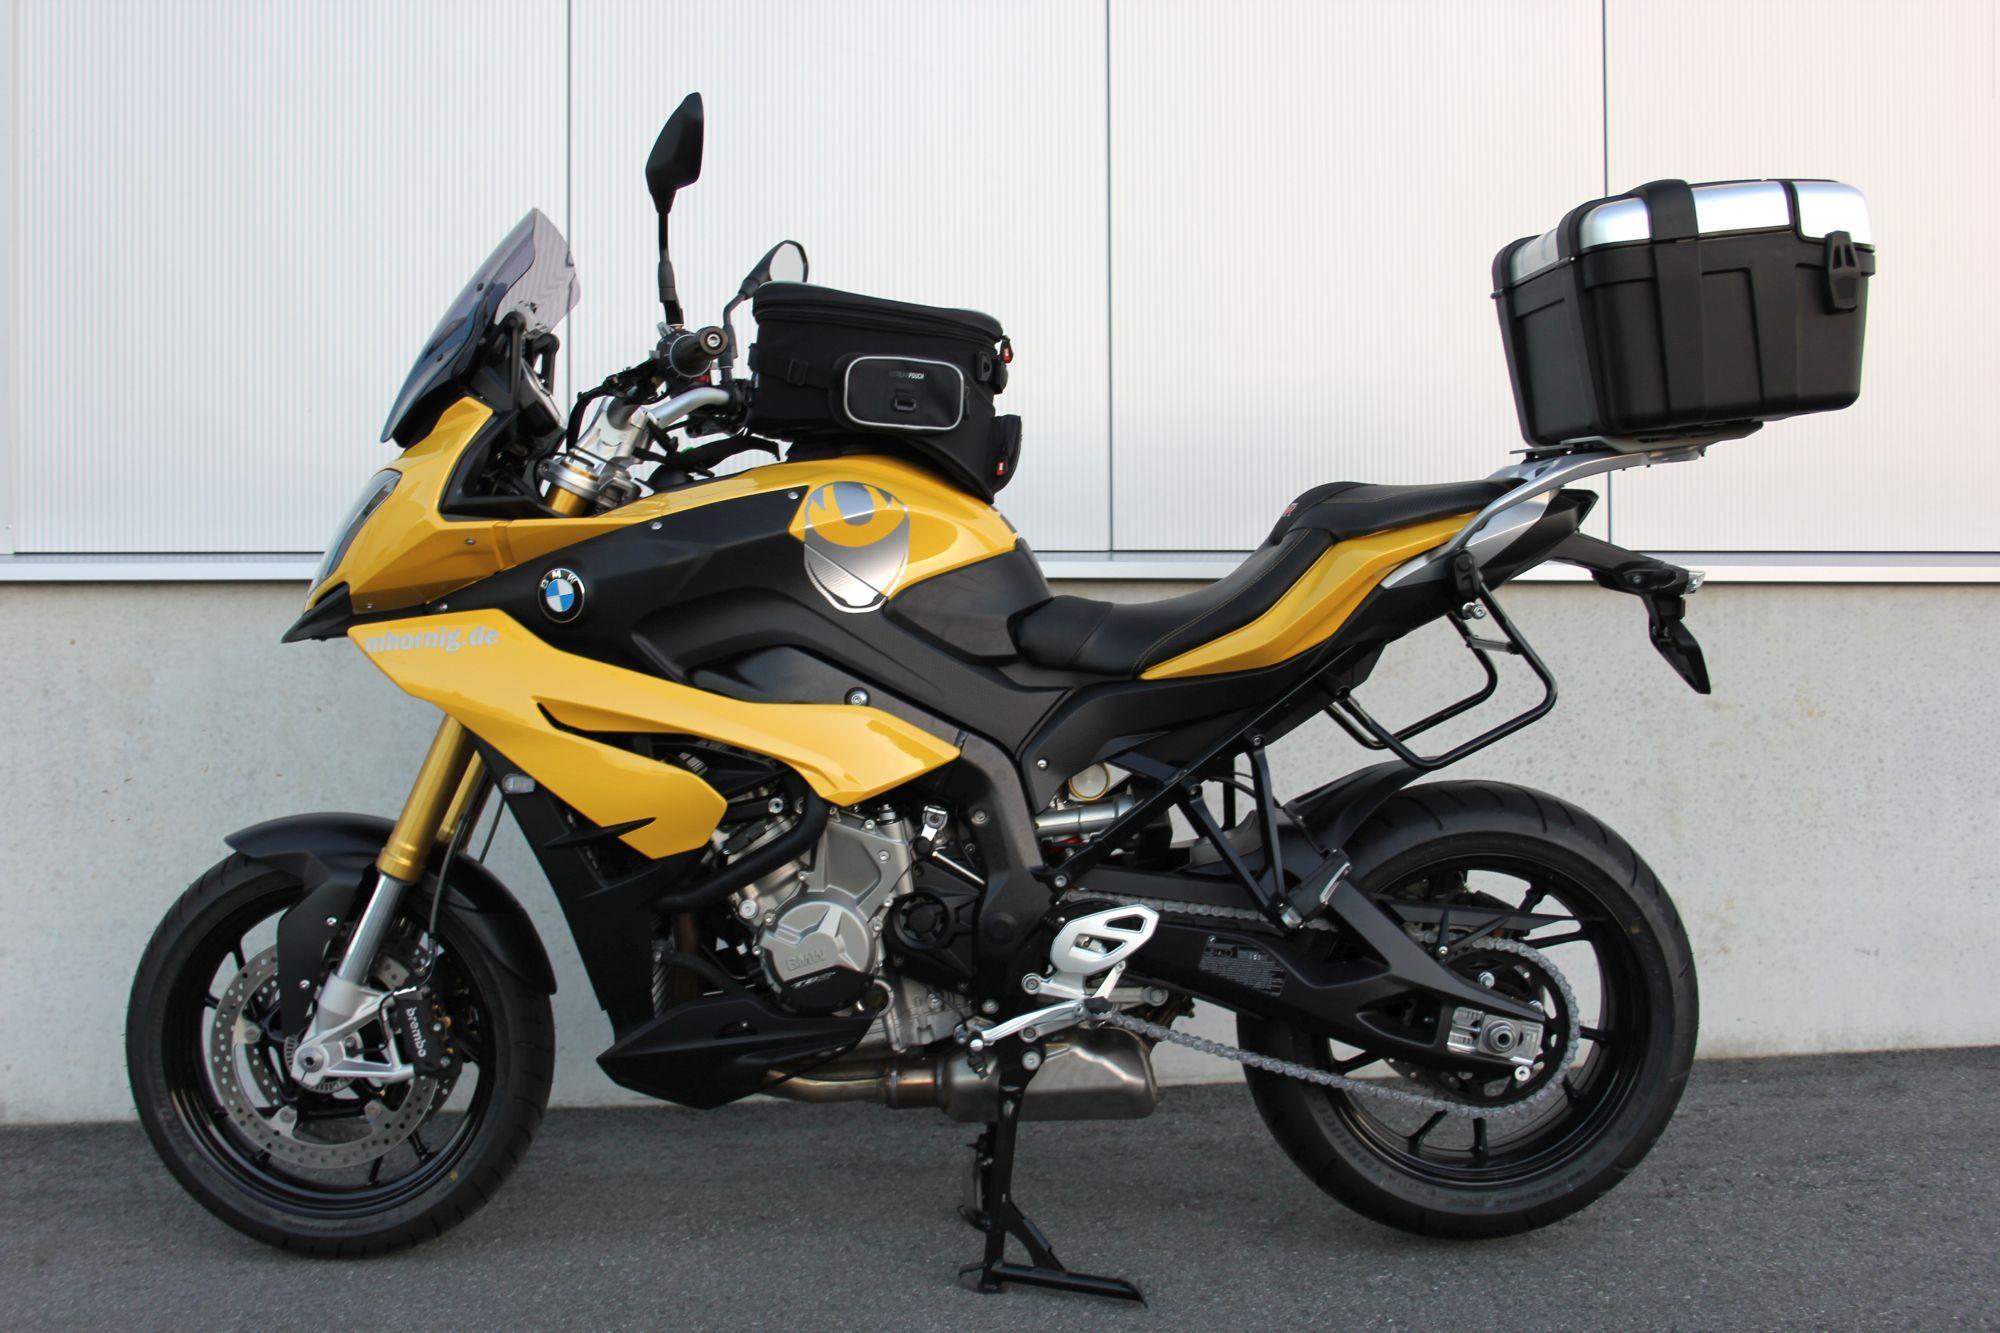 Bmw S1000xr Umbau Von Hornig Motorrad Fotos Amp Motorrad Bilder